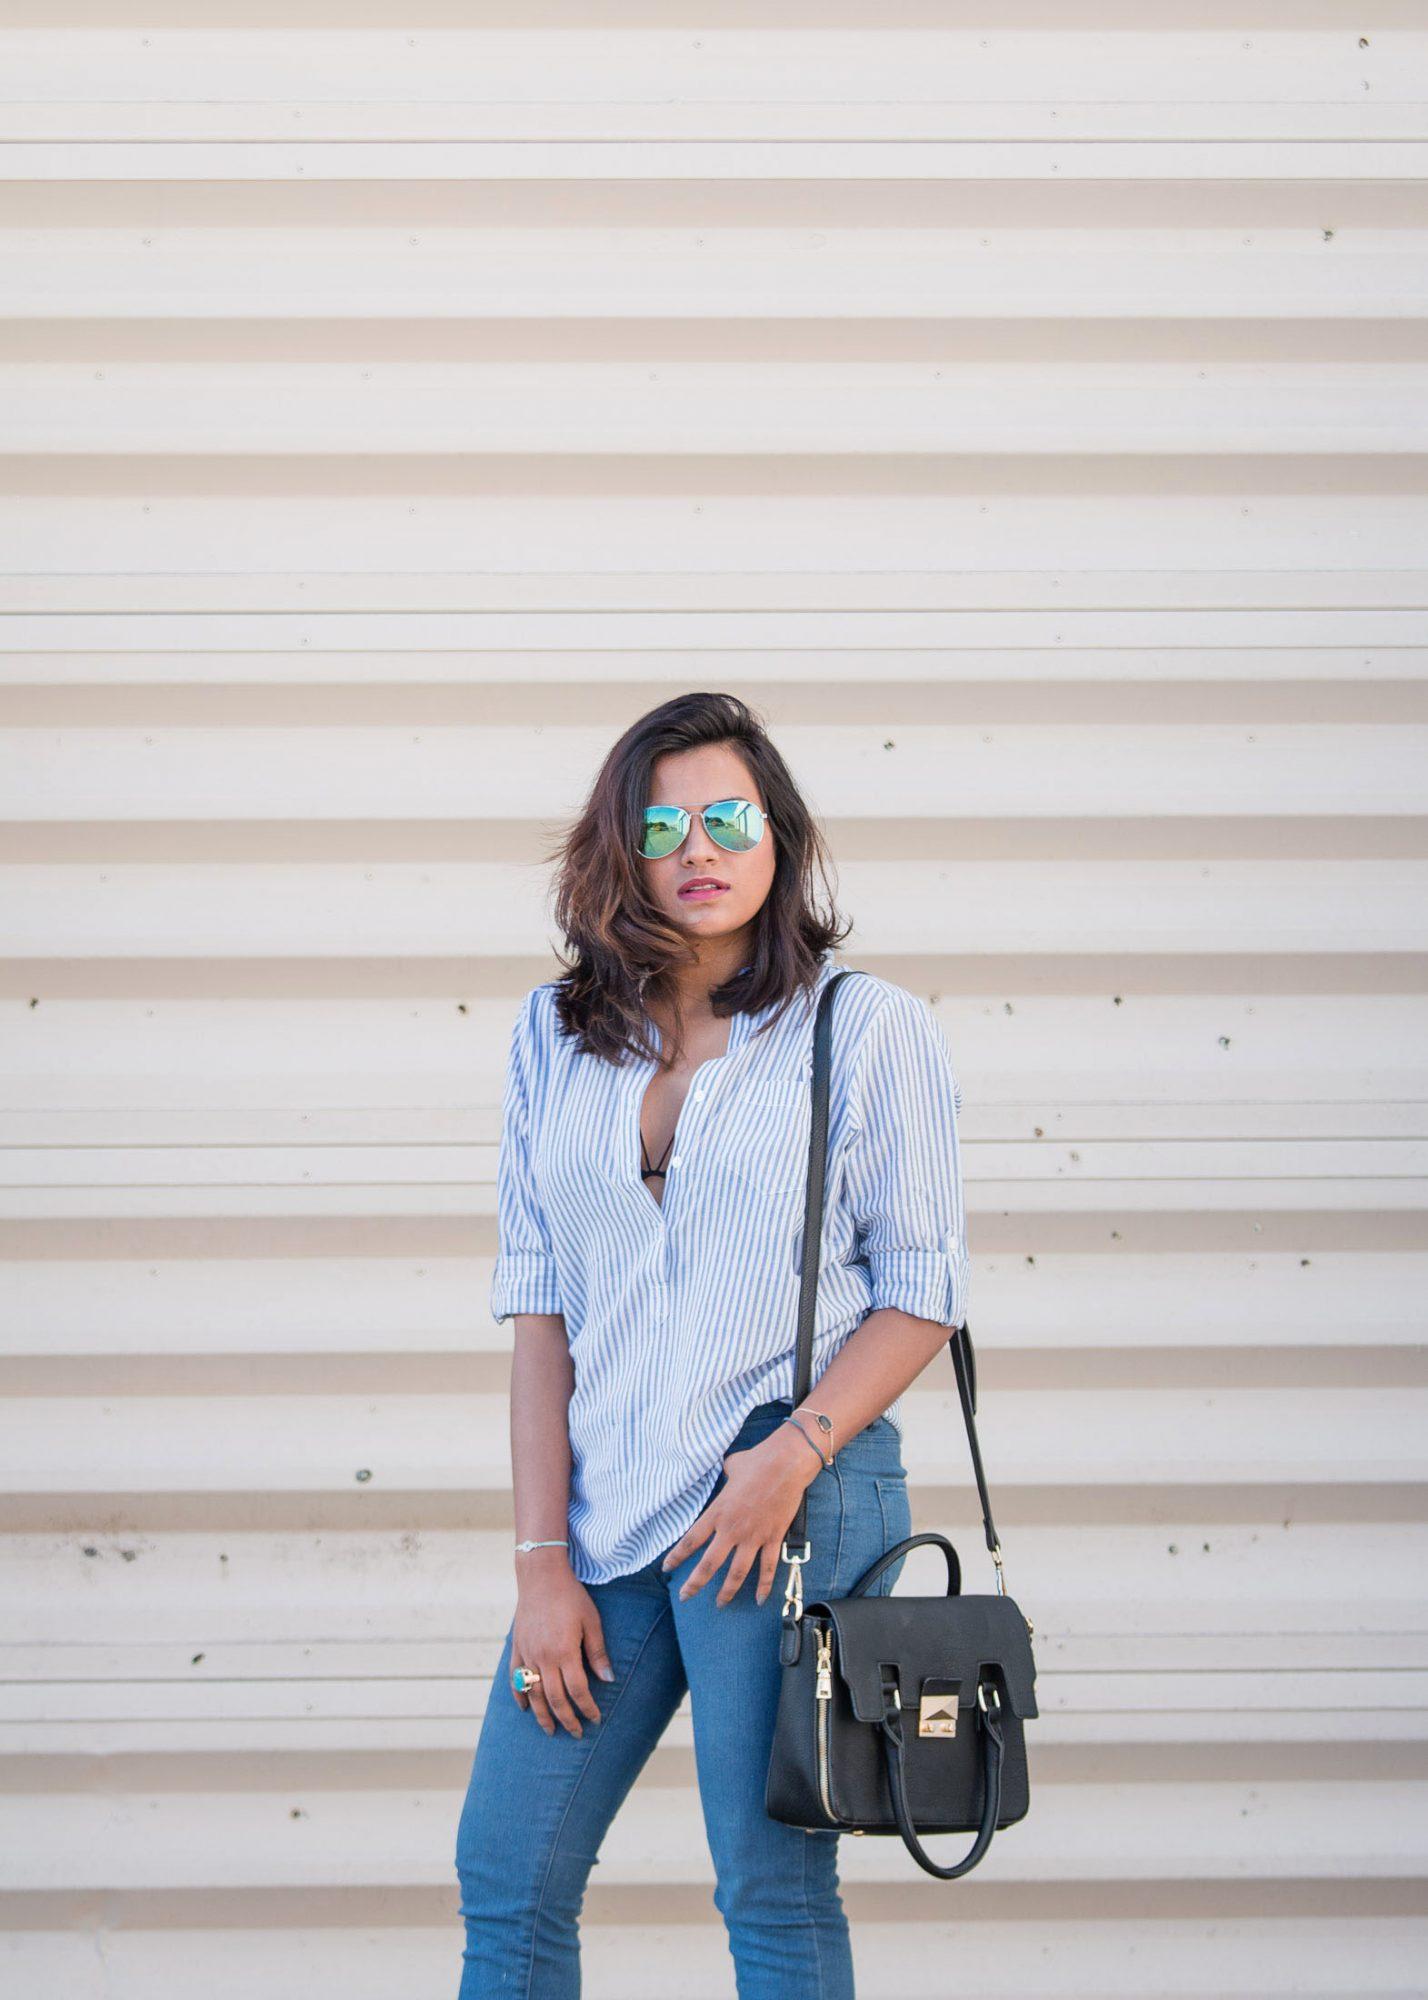 Miami Influencer Afroza Khan Chic Stylista